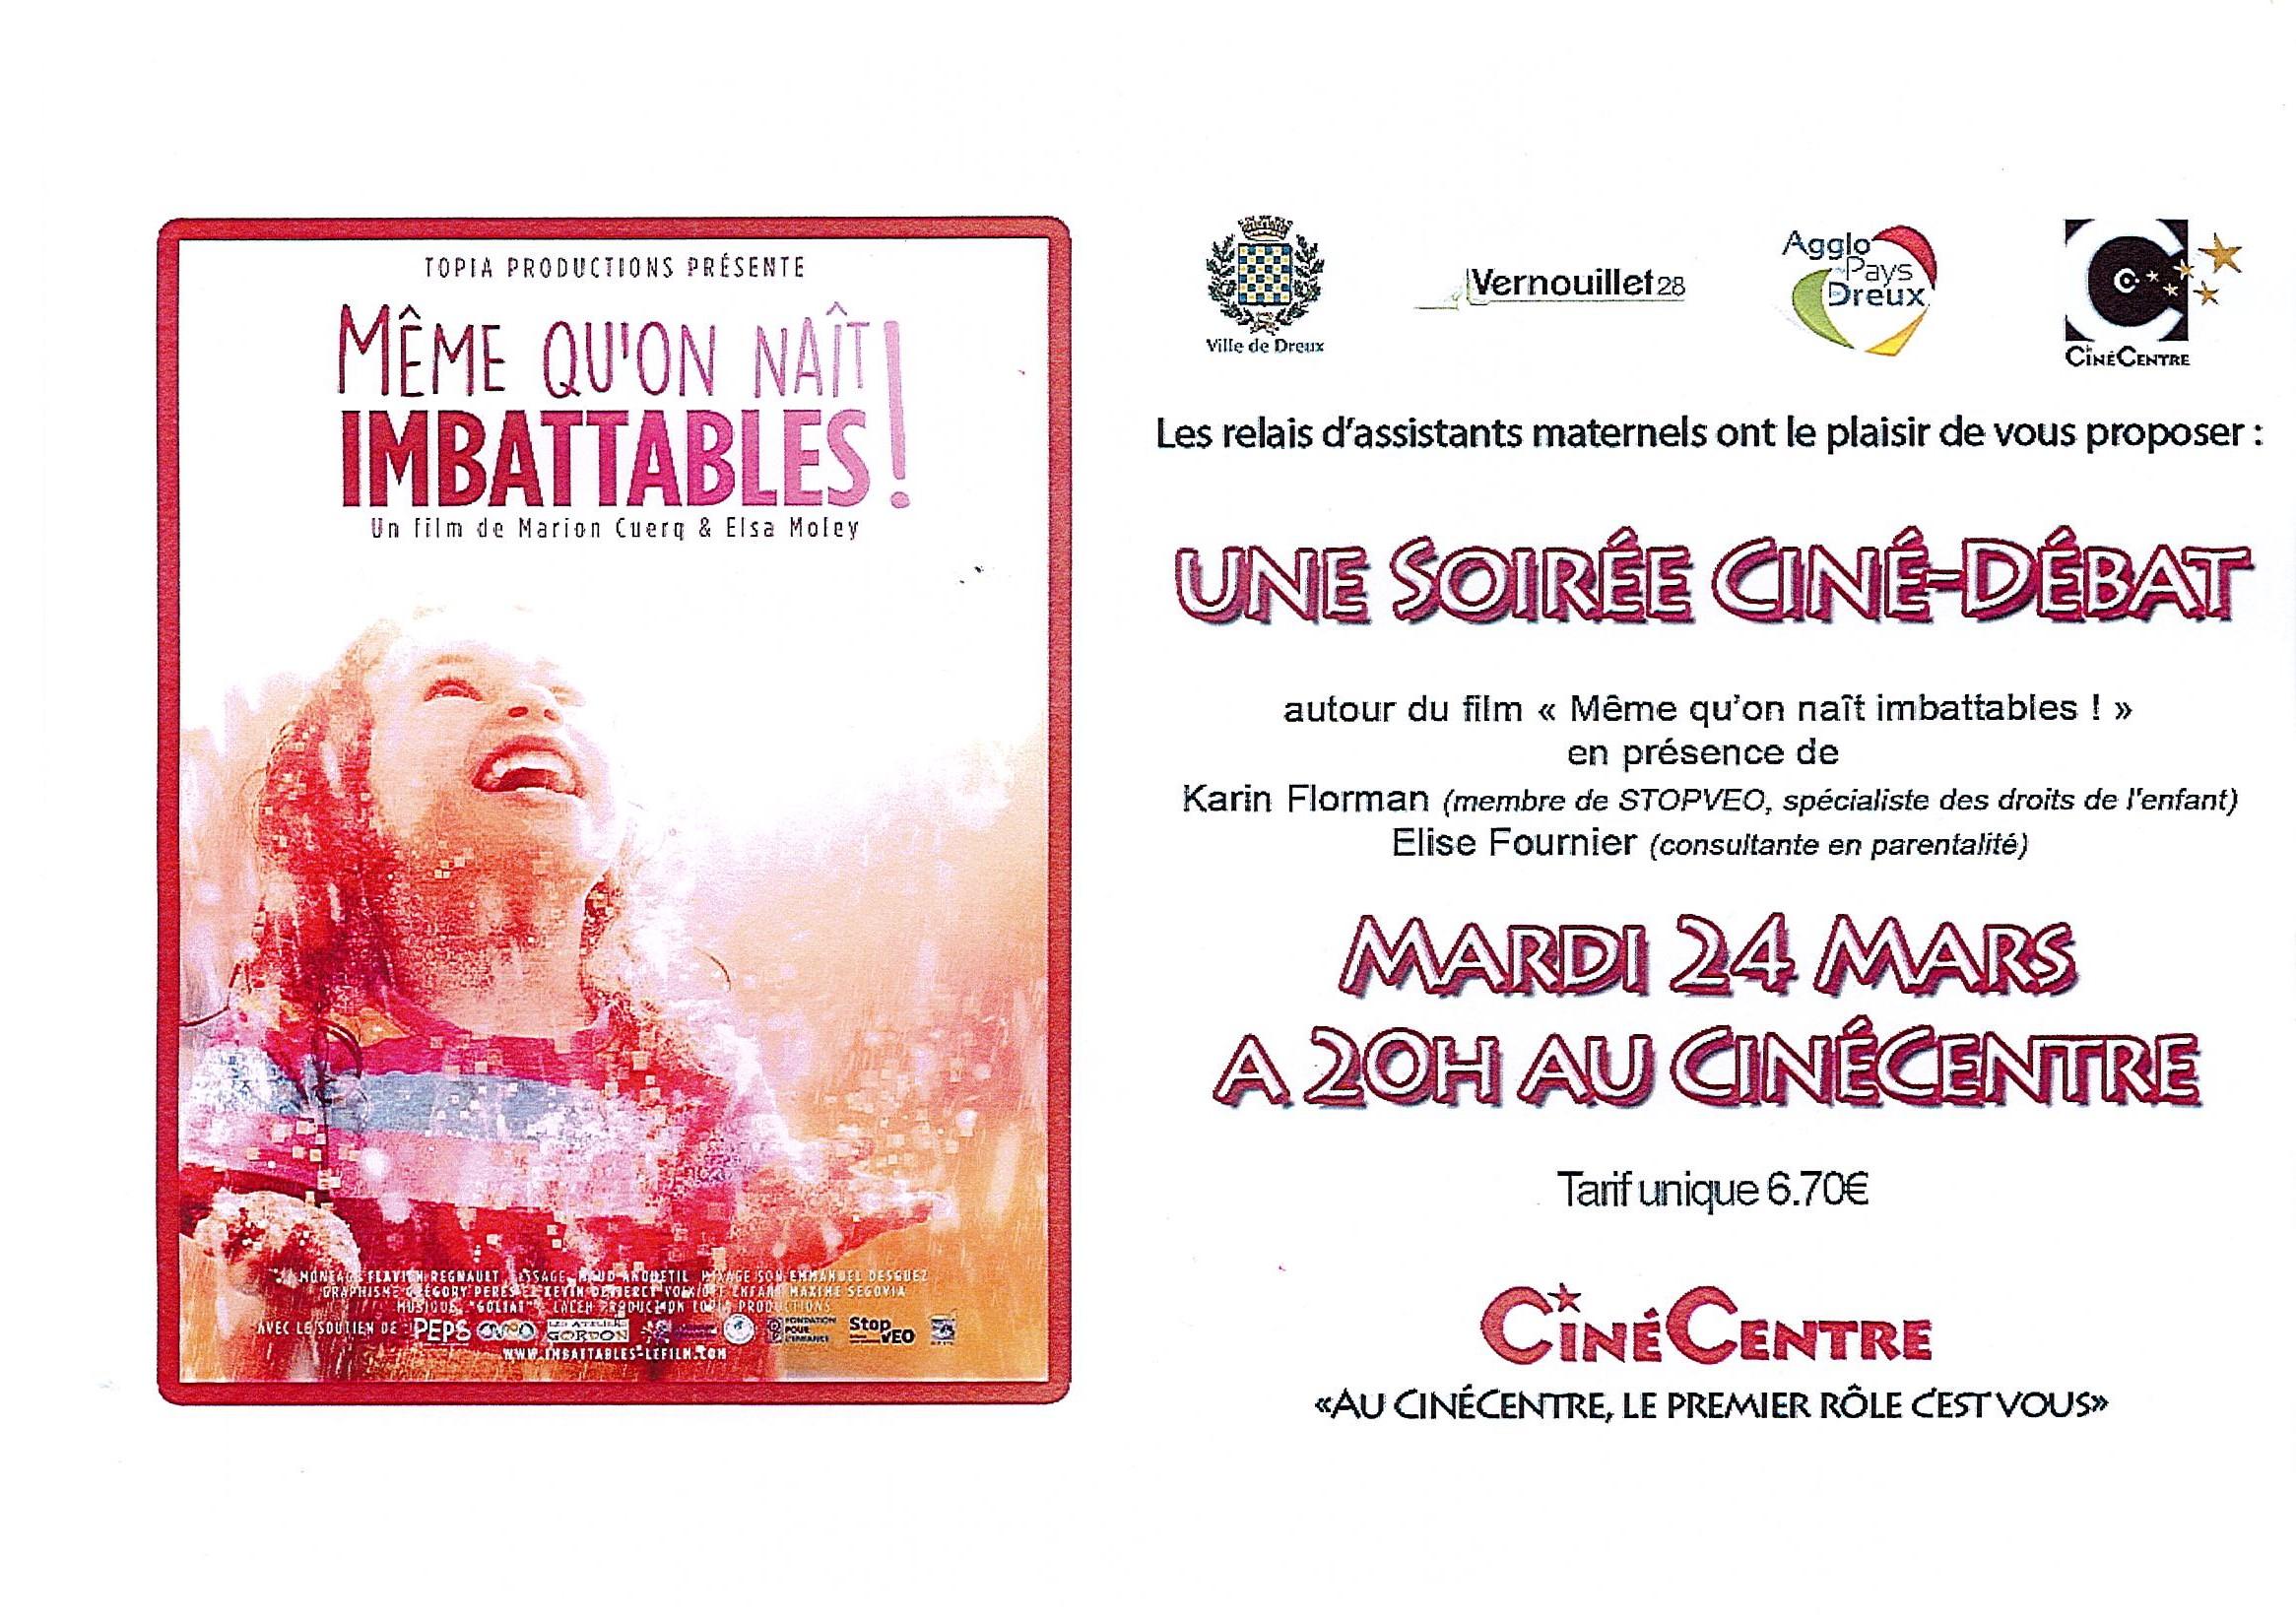 Ciné Centre Dreux